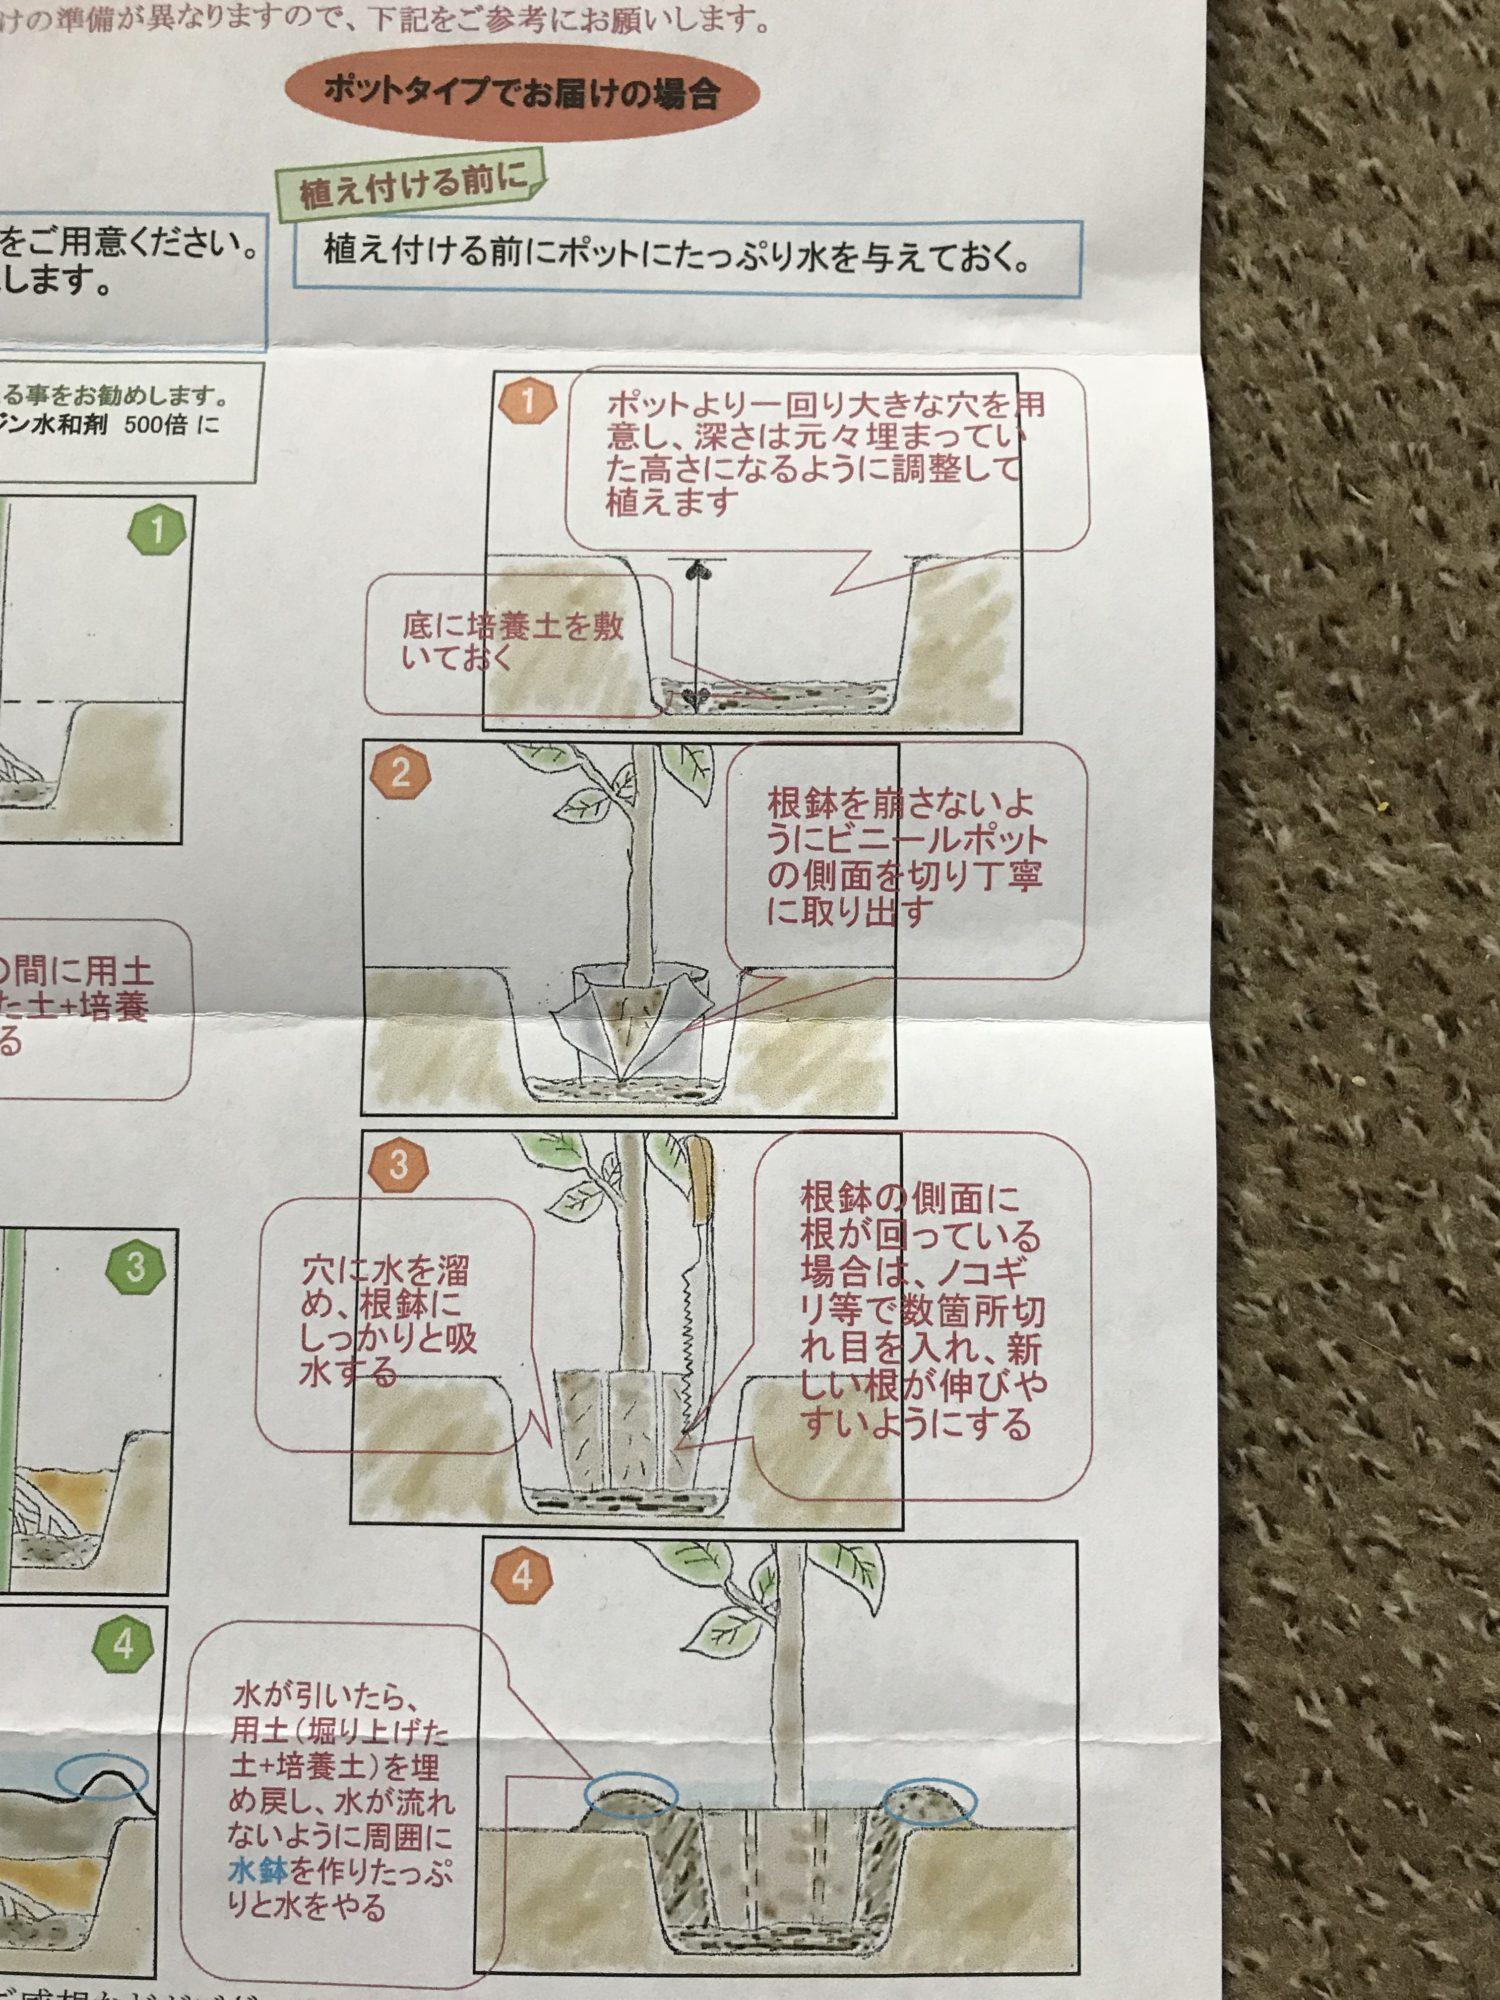 苗木の植え方、イラスト付き